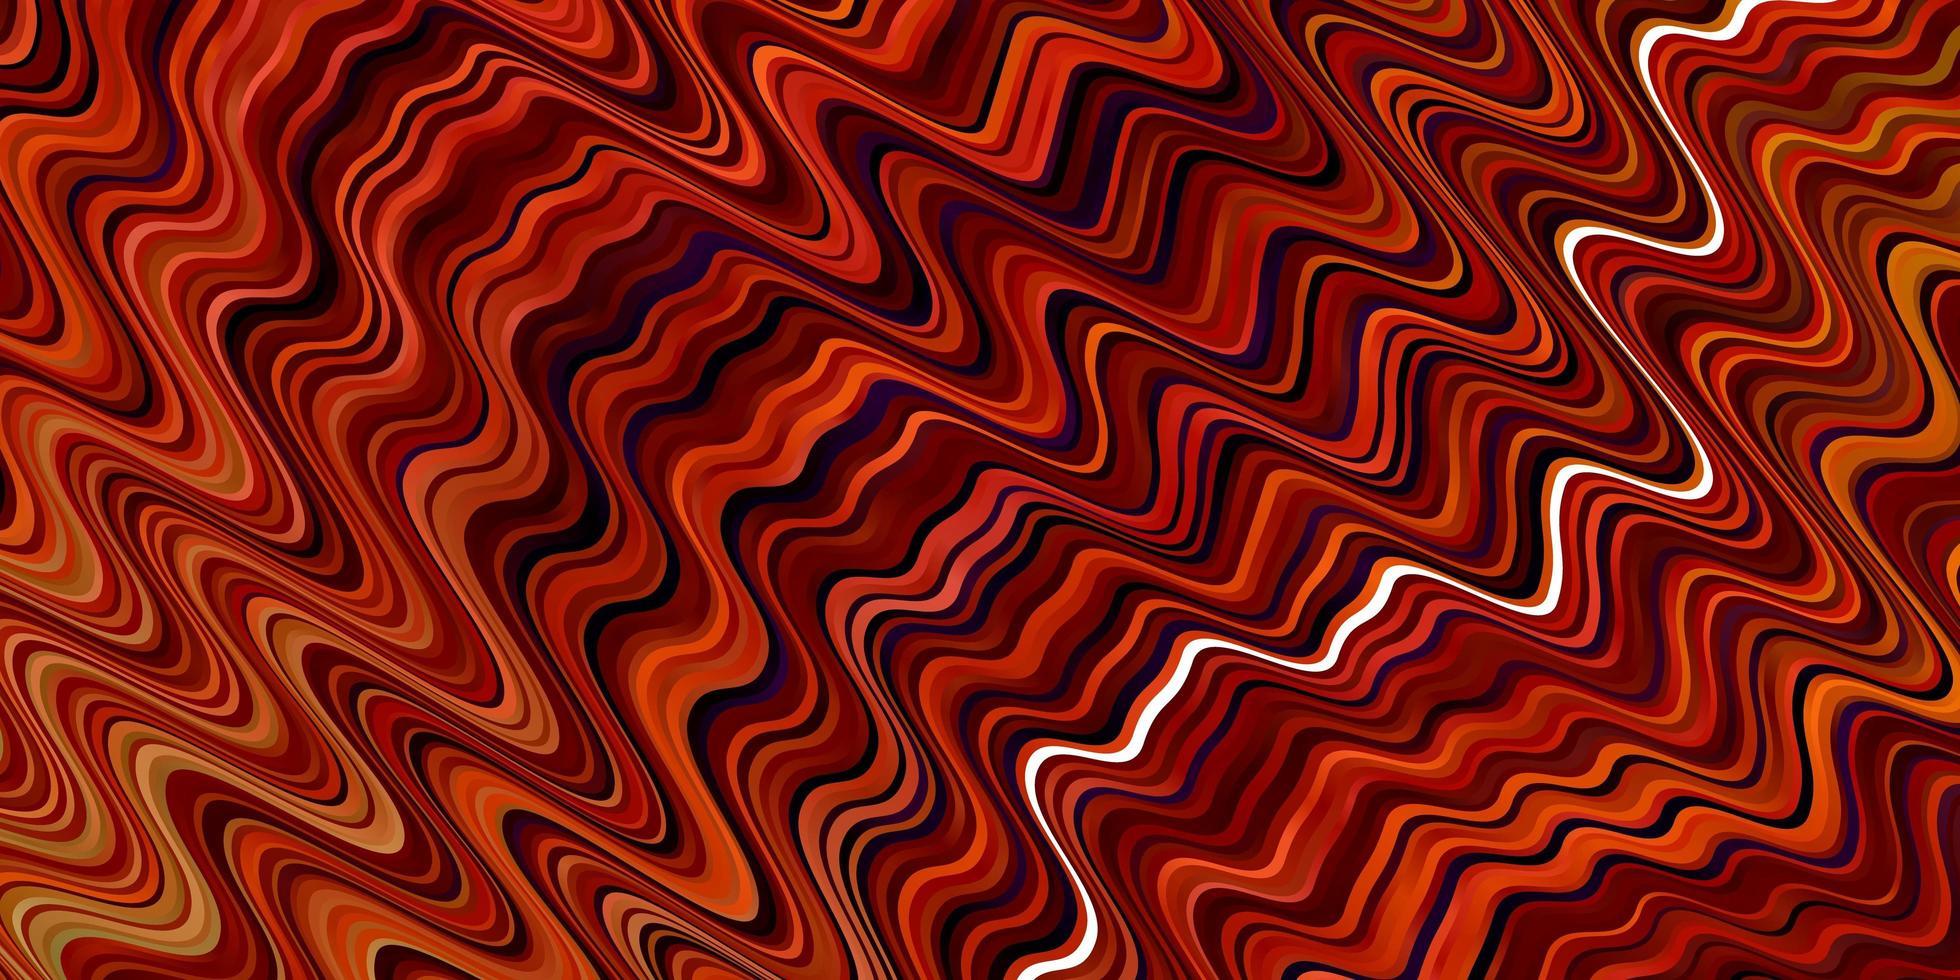 heller mehrfarbiger Vektorhintergrund mit Linien. vektor